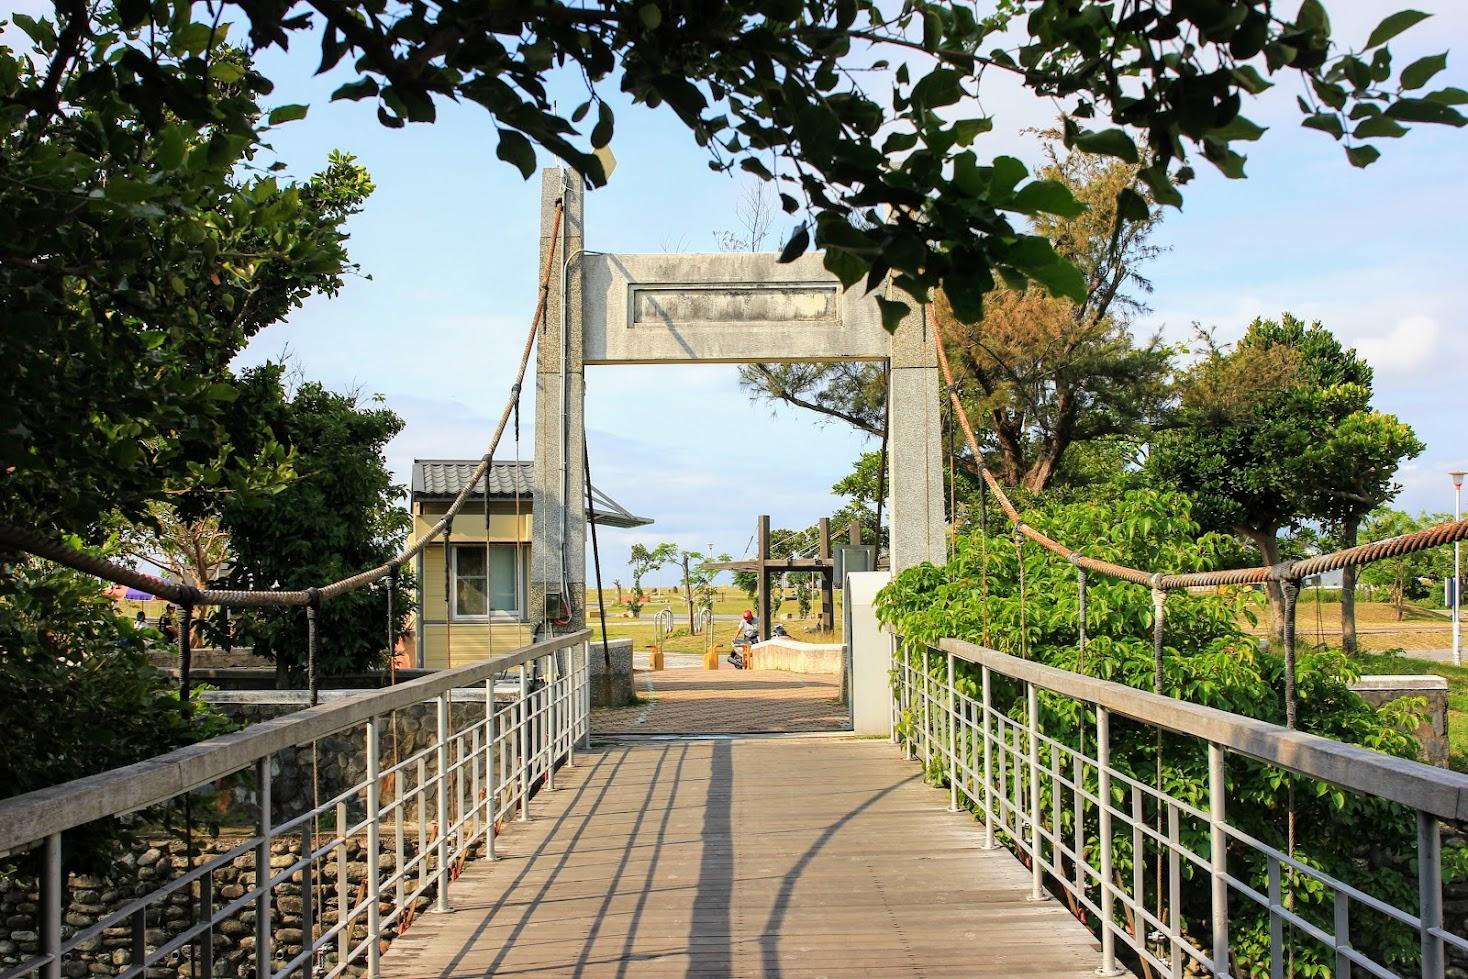 原本想說從真正的大門口進來,但因為也想看濱海公園這邊的景色,所以找這個路口剛好也離琵琶湖最近!